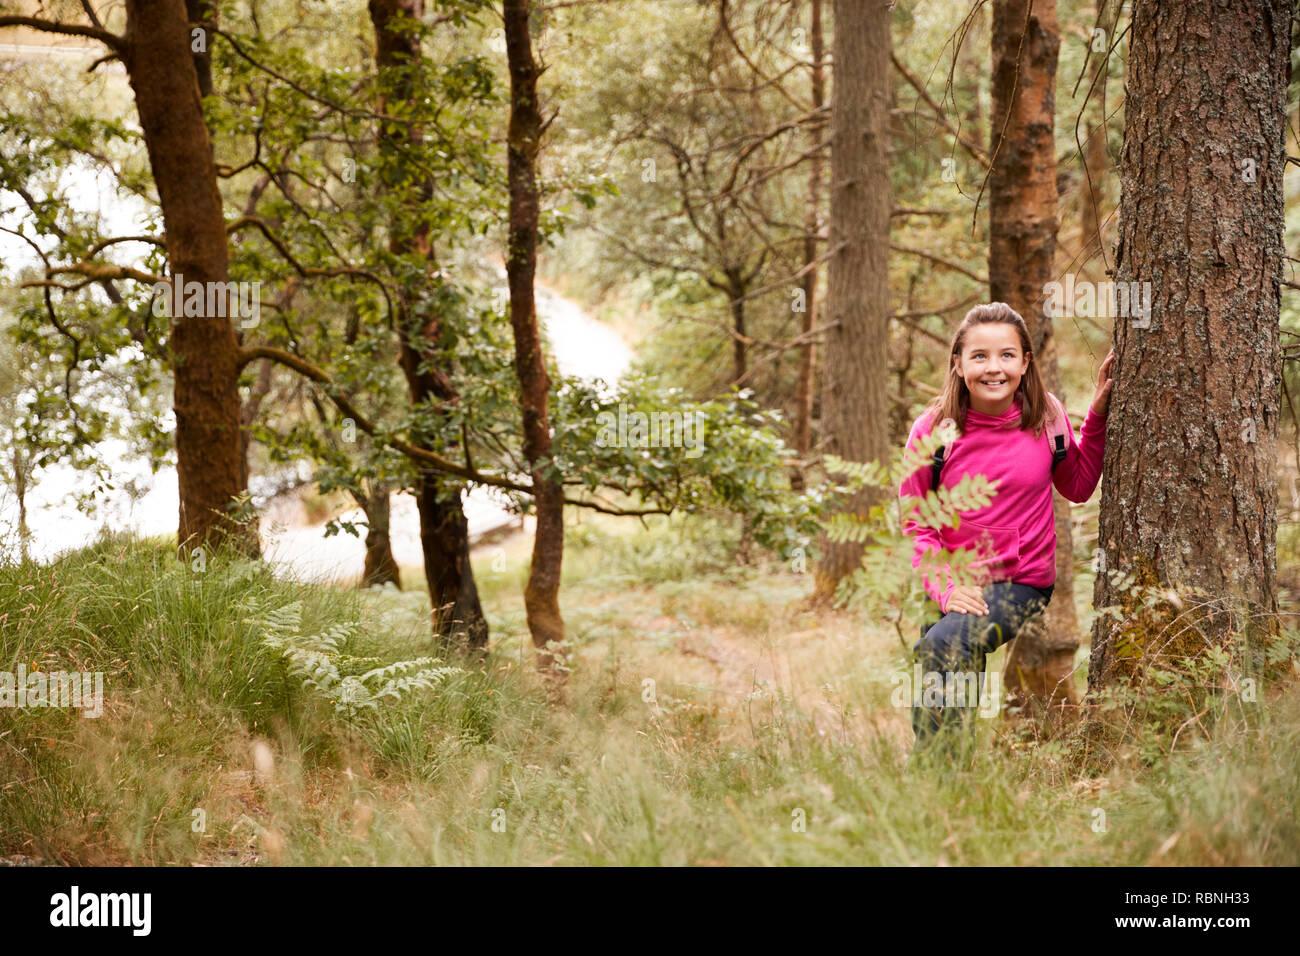 Vor - jugendlich Mädchen steht lehnte sich an einem Baum in einem Wald, durch hohes Gras gesehen Stockbild